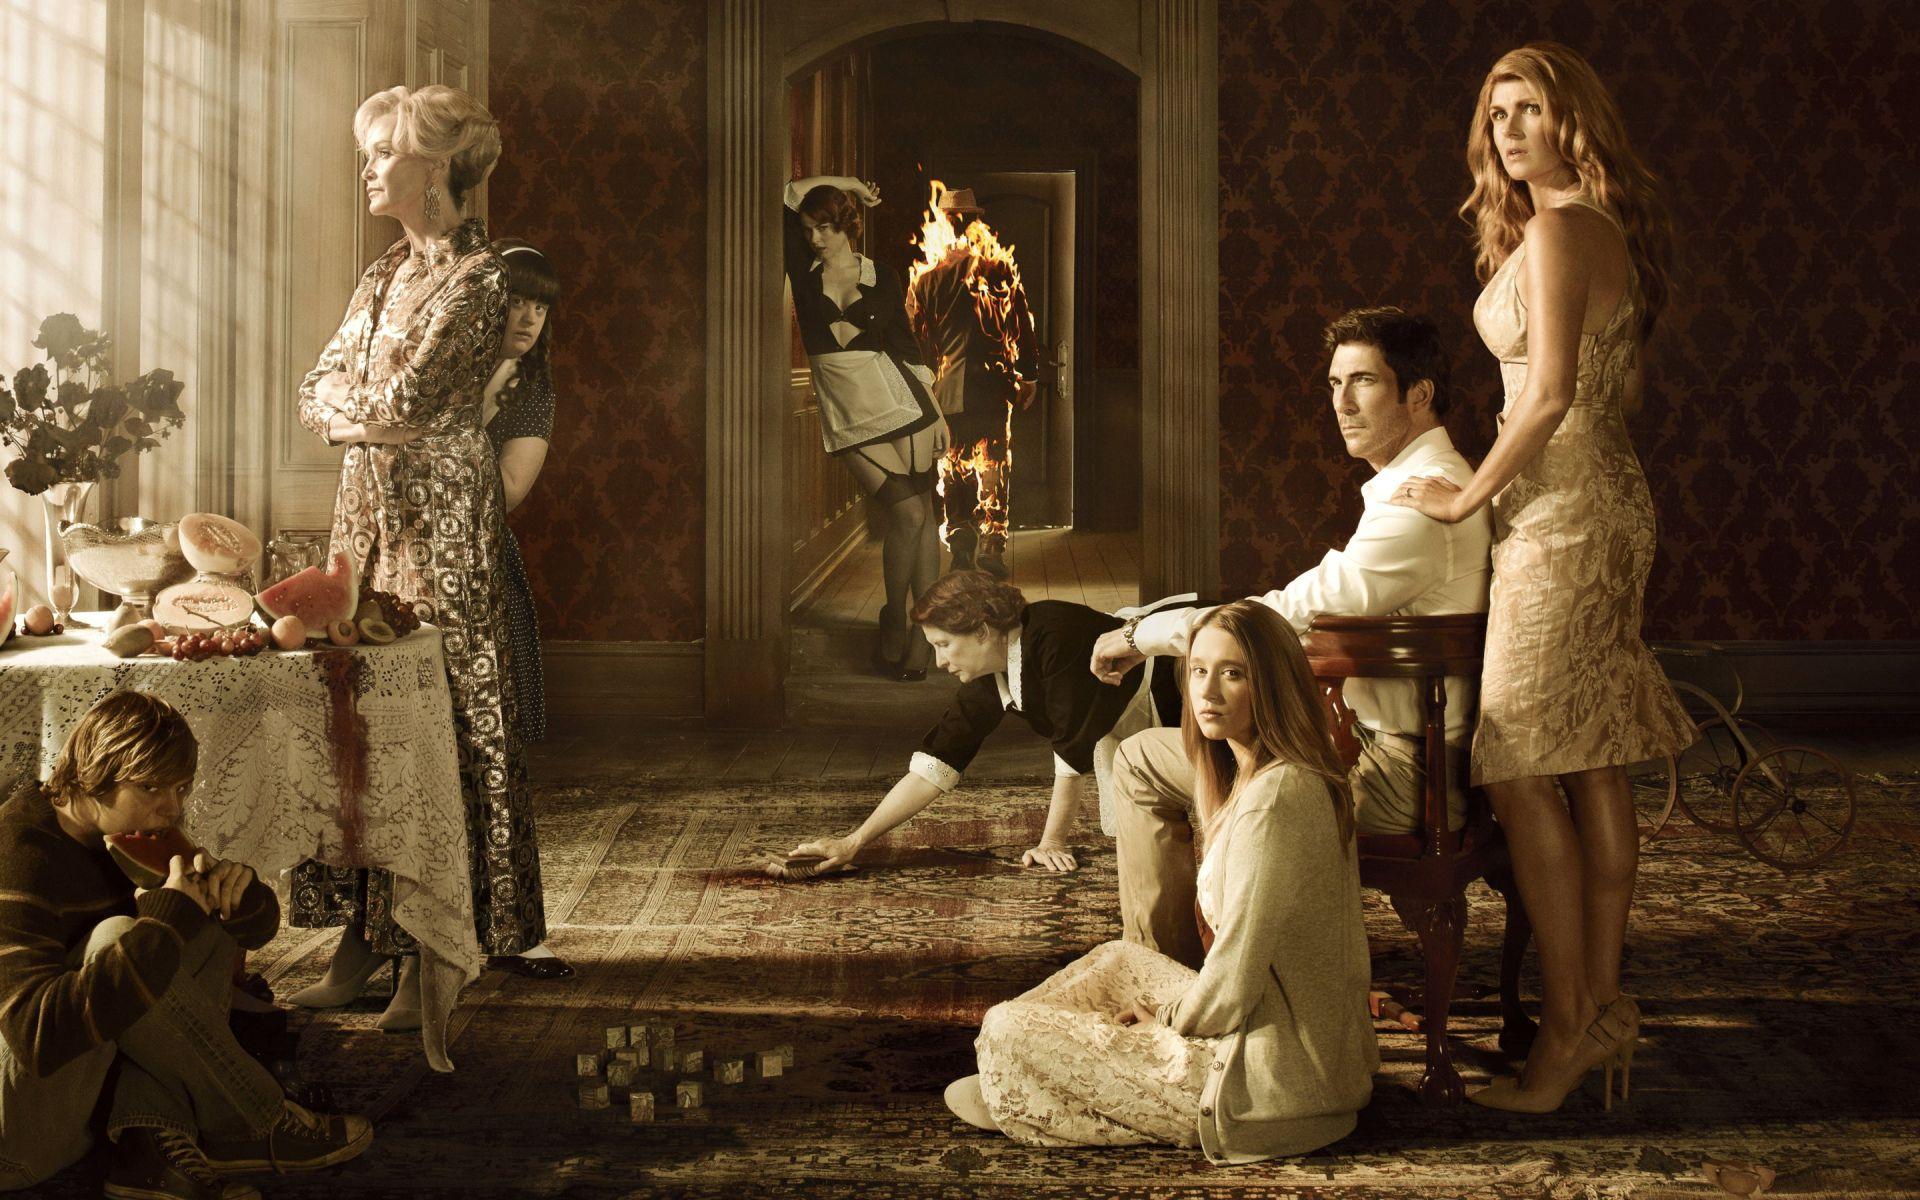 Programa De Tv American Horror Story Papel De Parede Com Imagens